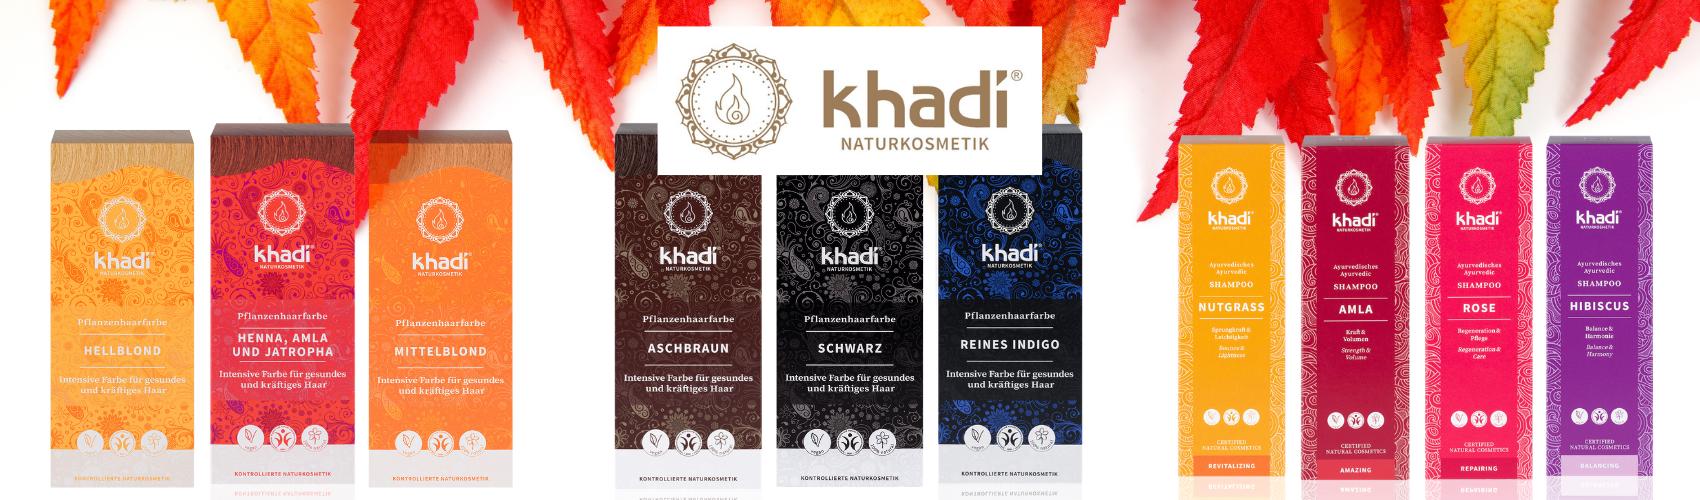 Khadi Haarpflege Herbst 2020